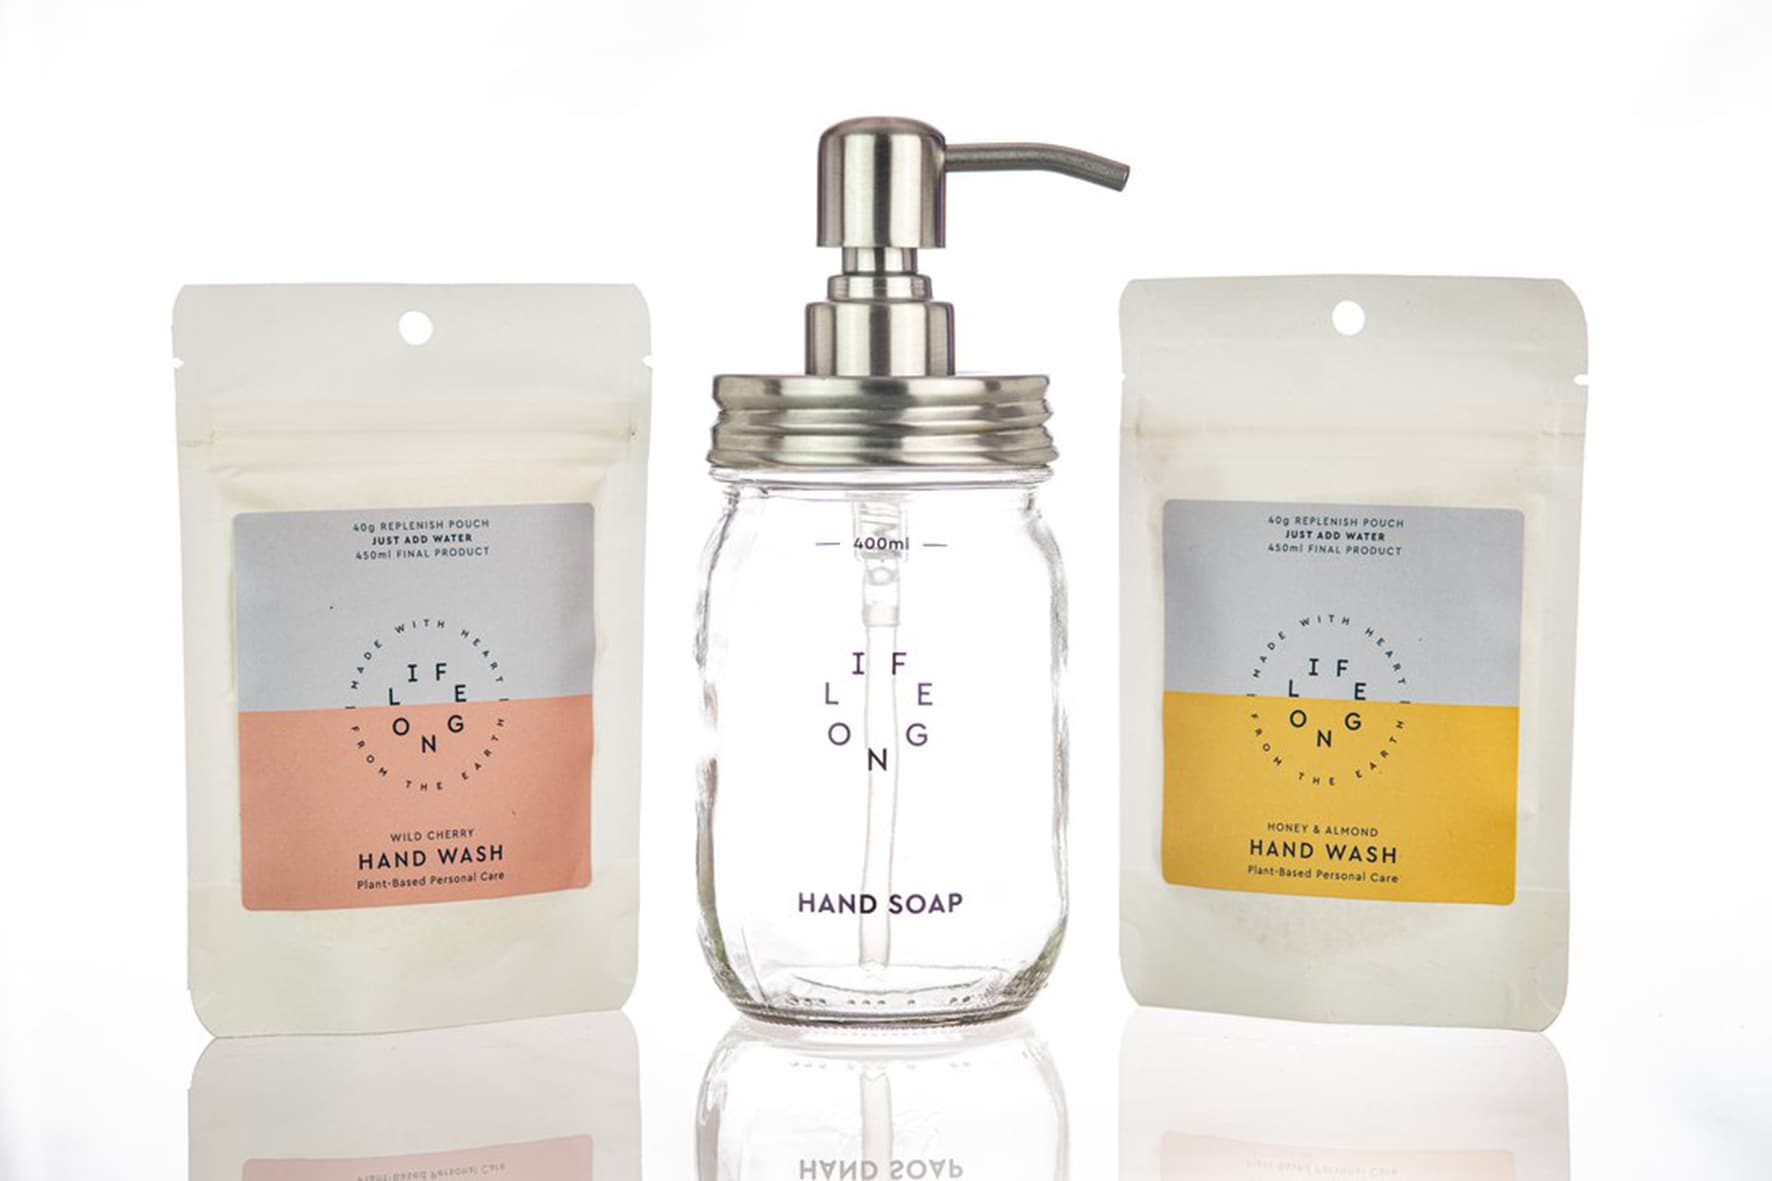 LIFELONG Kit con dispenser in vetro e due ricariche di sapone per mani, salva spazio, in polvere da allungare con acqua (circa 30€).